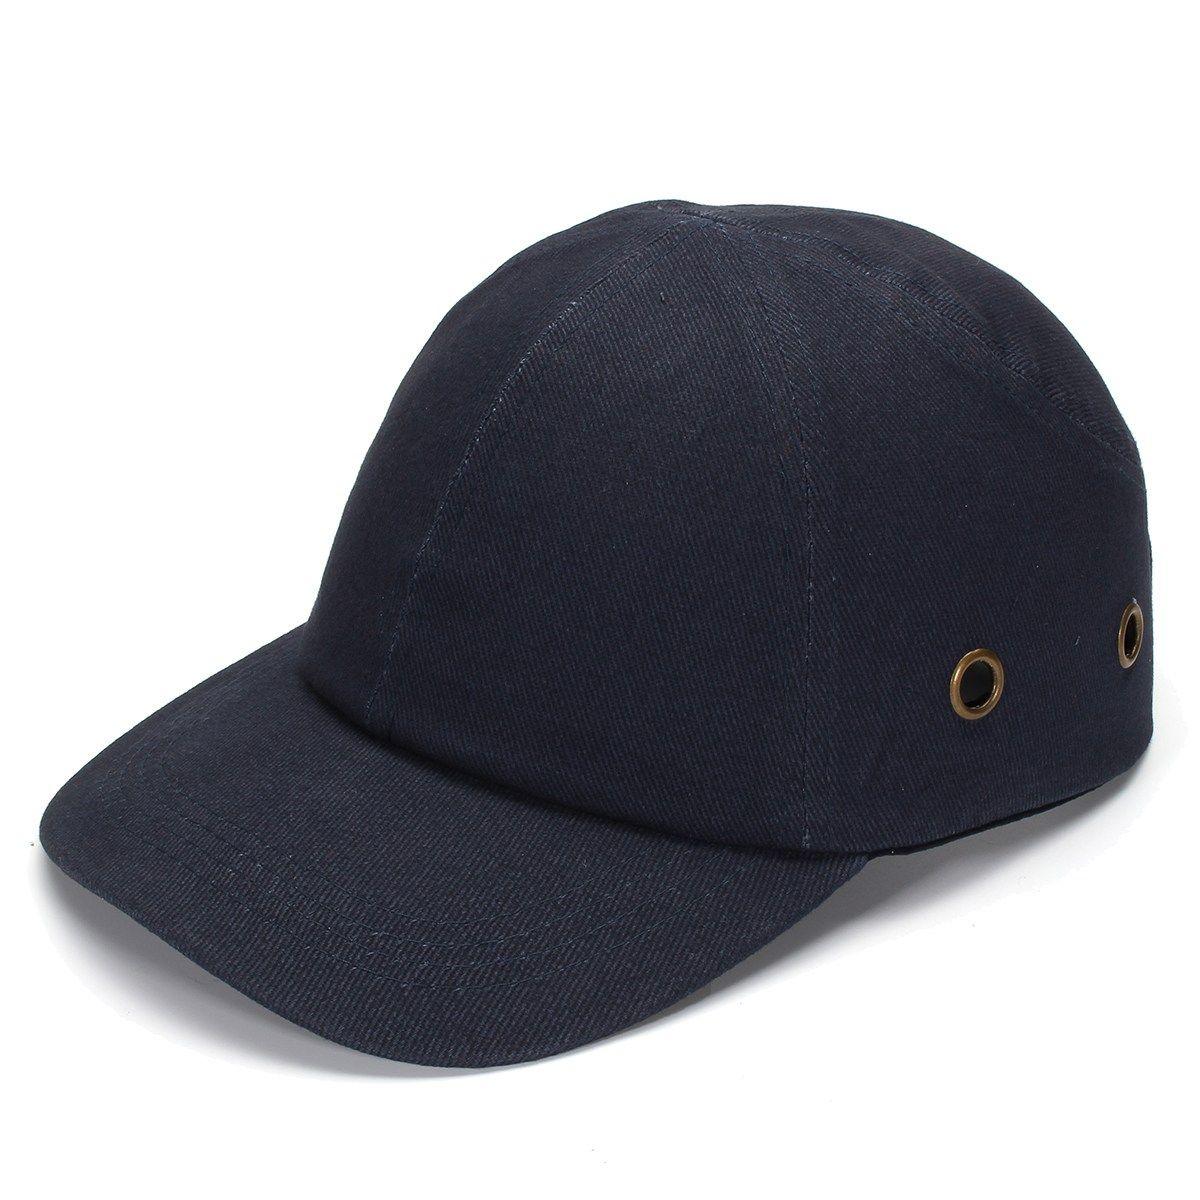 NEUE Safurance Blau Baseball Anstoßkappen-Leichte Sicherheitshelm Kopf Schutzkappen Arbeitsschutzhelm